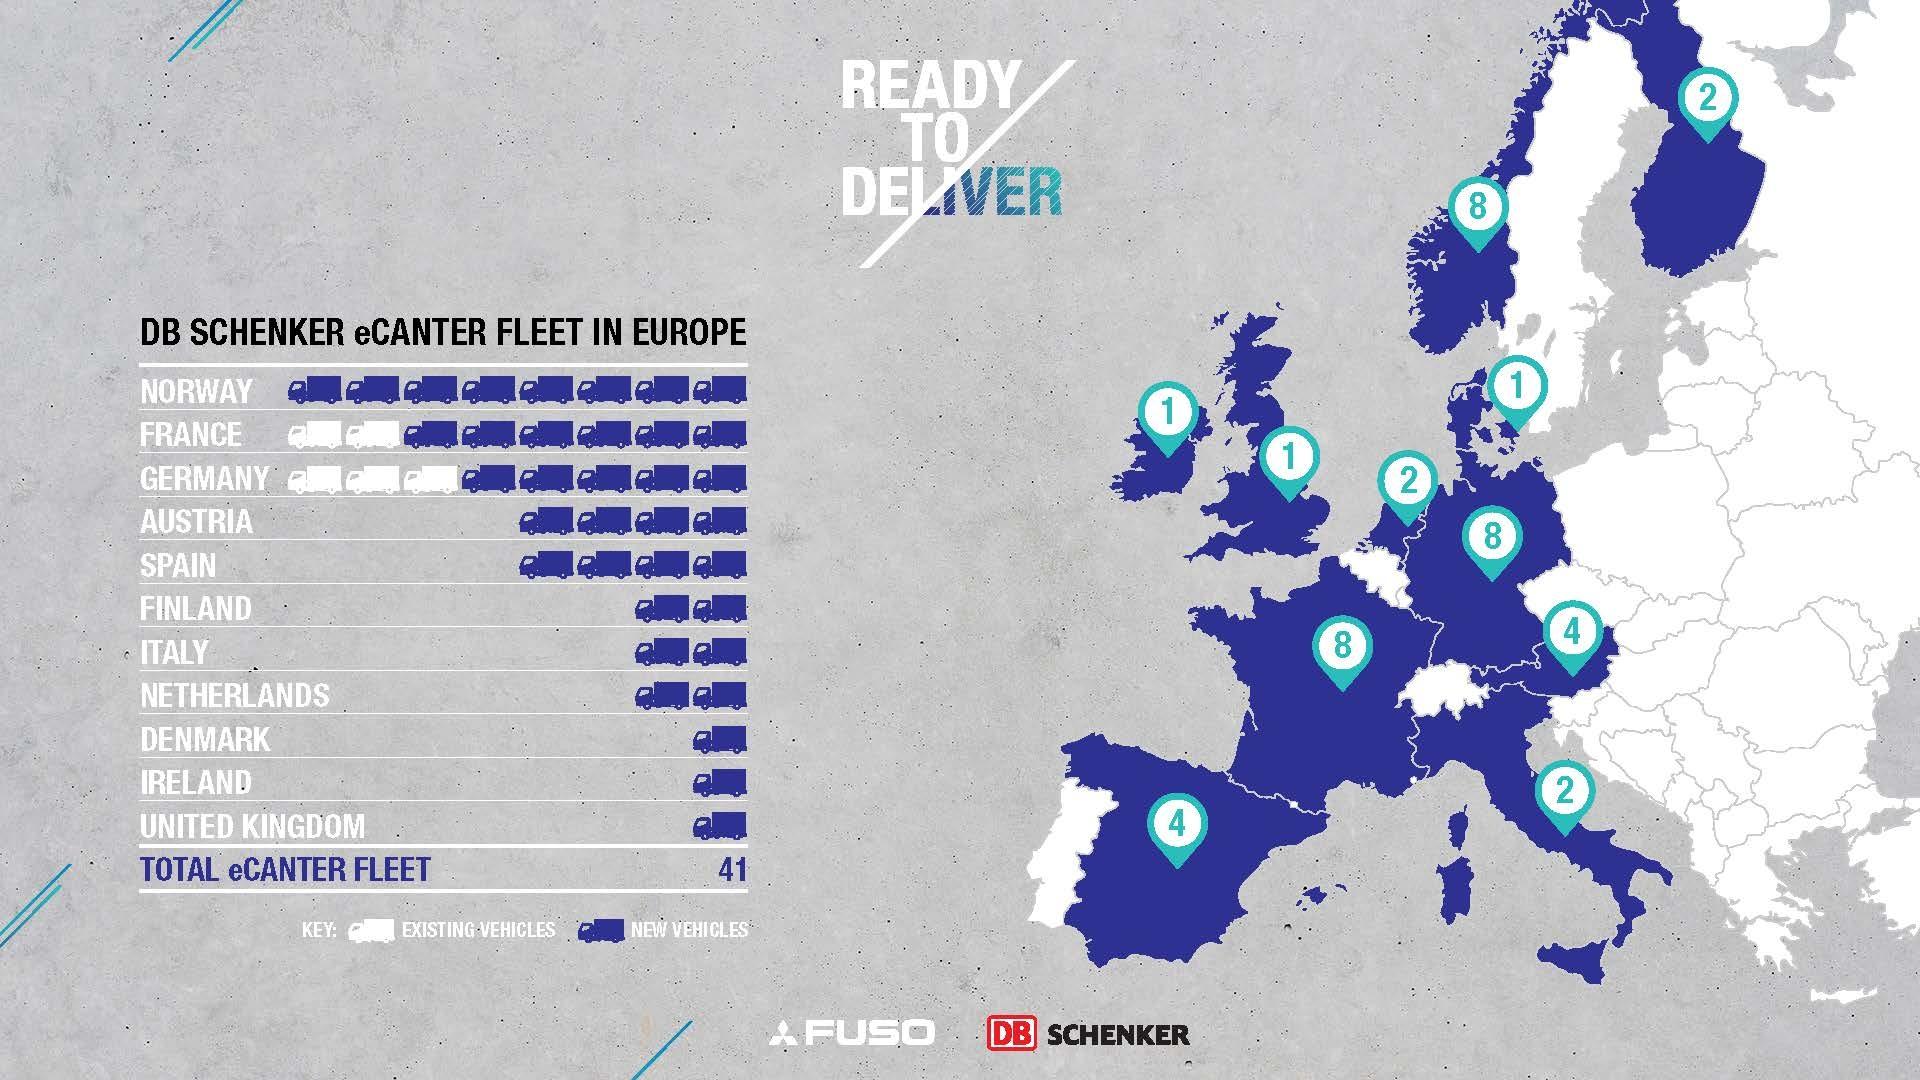 DB Schenker erweitert Elektro-Flotte um 36 neue Fuso e-Canter